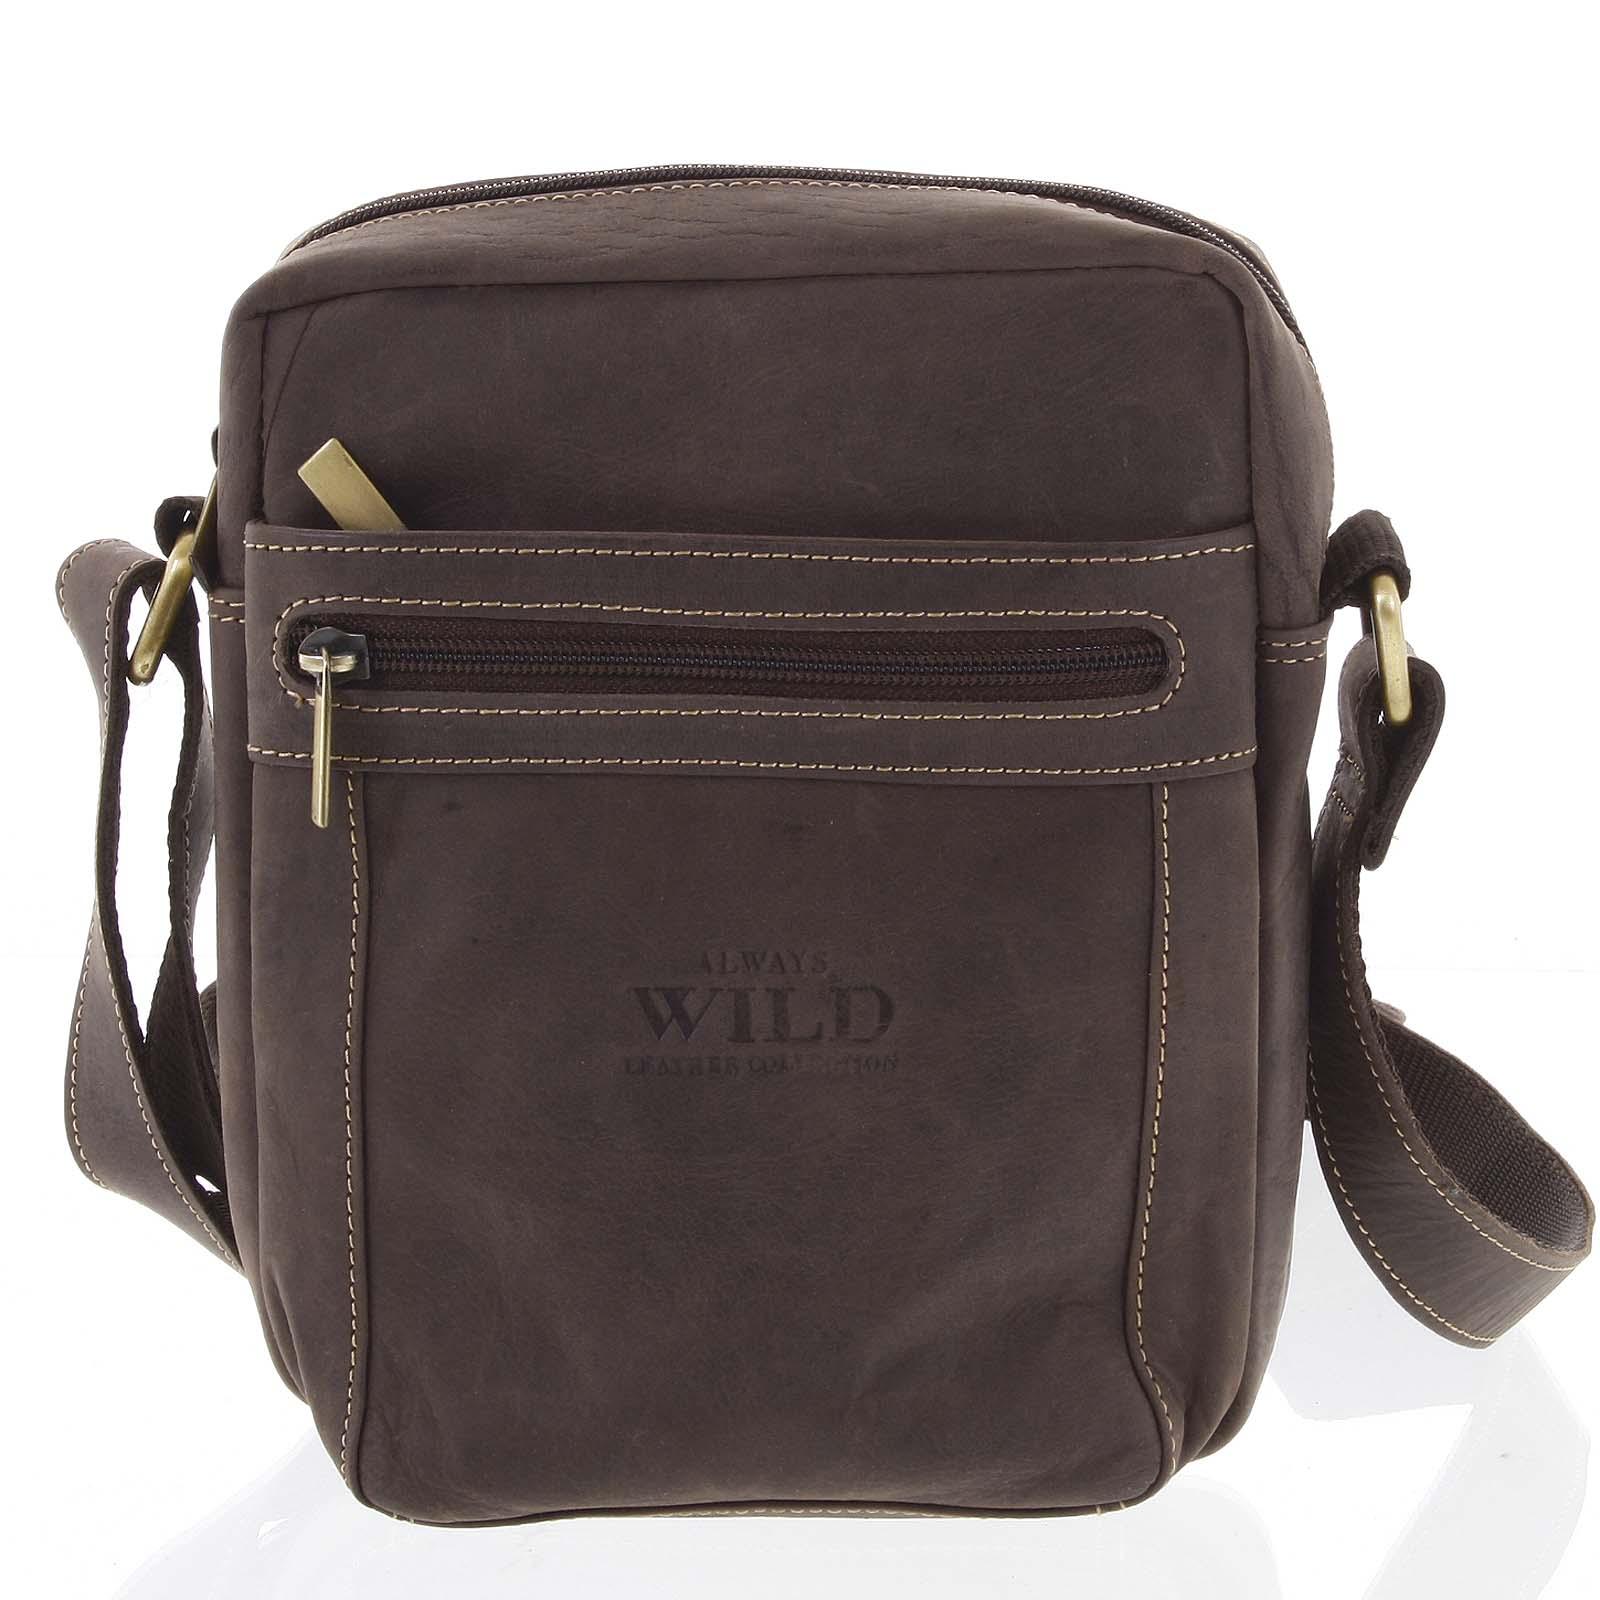 Pánska kožená crossbody taška tmavohnedá - WILD Abilio